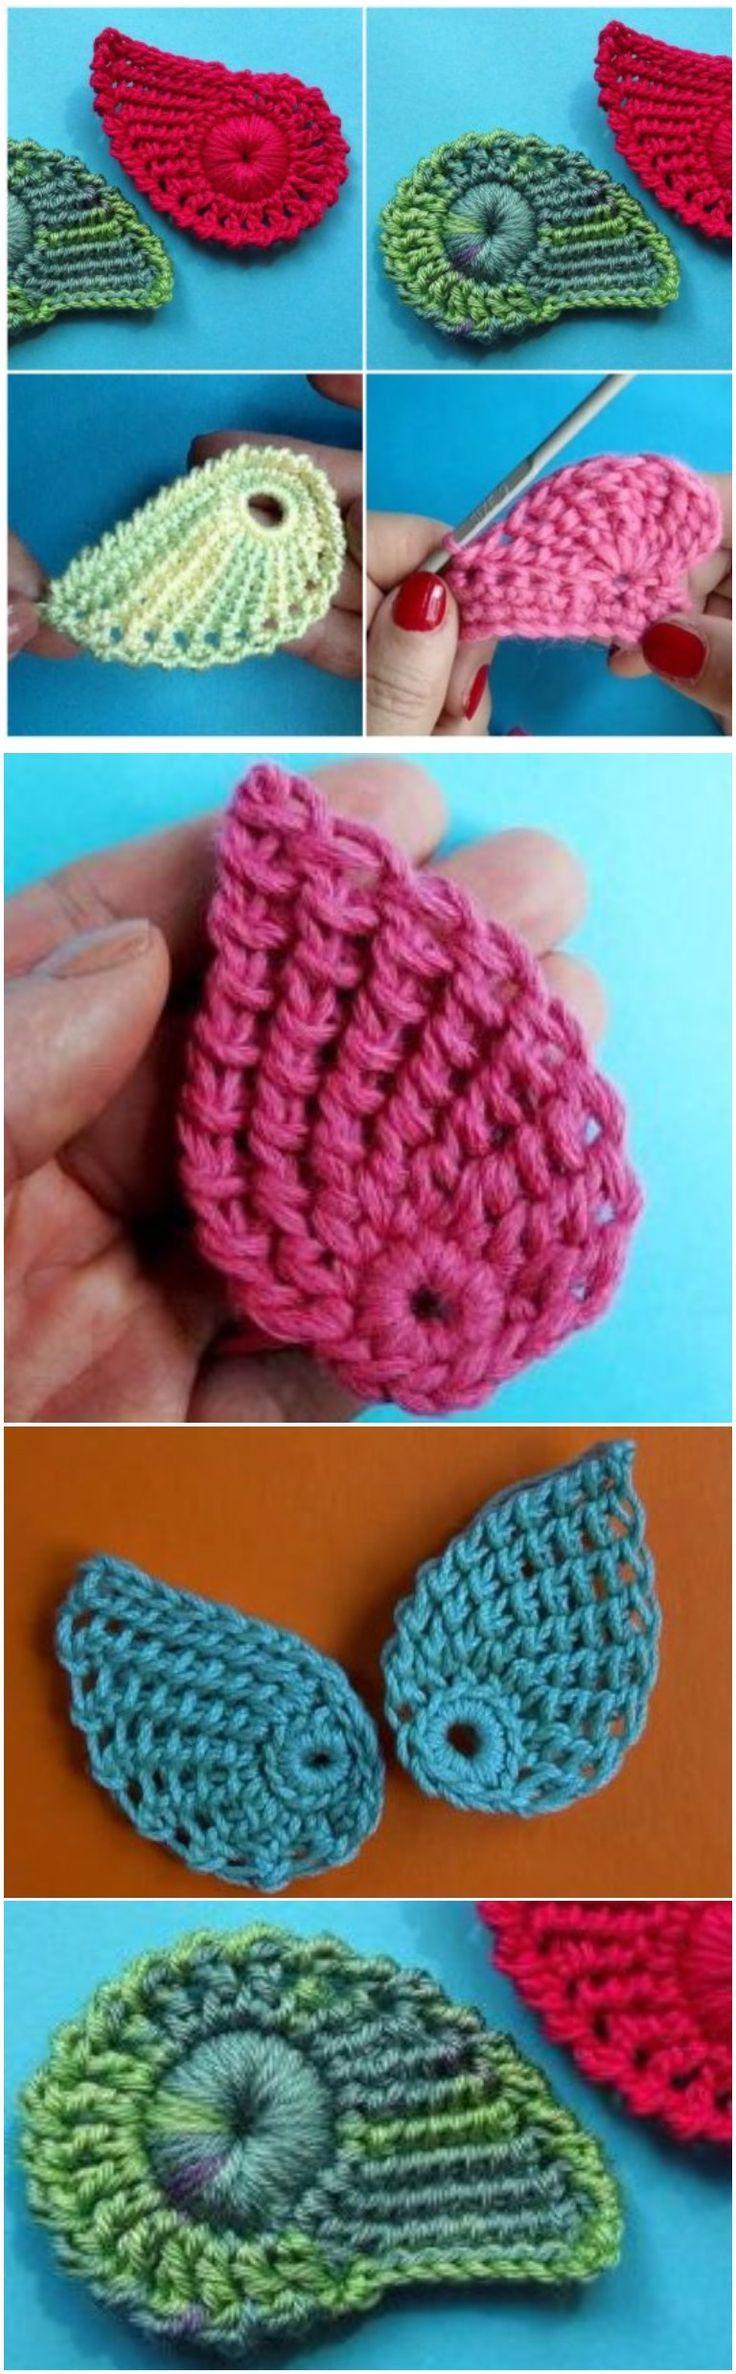 Learn To Crochet Beautiful Leaves | taller de tejido crochet ...